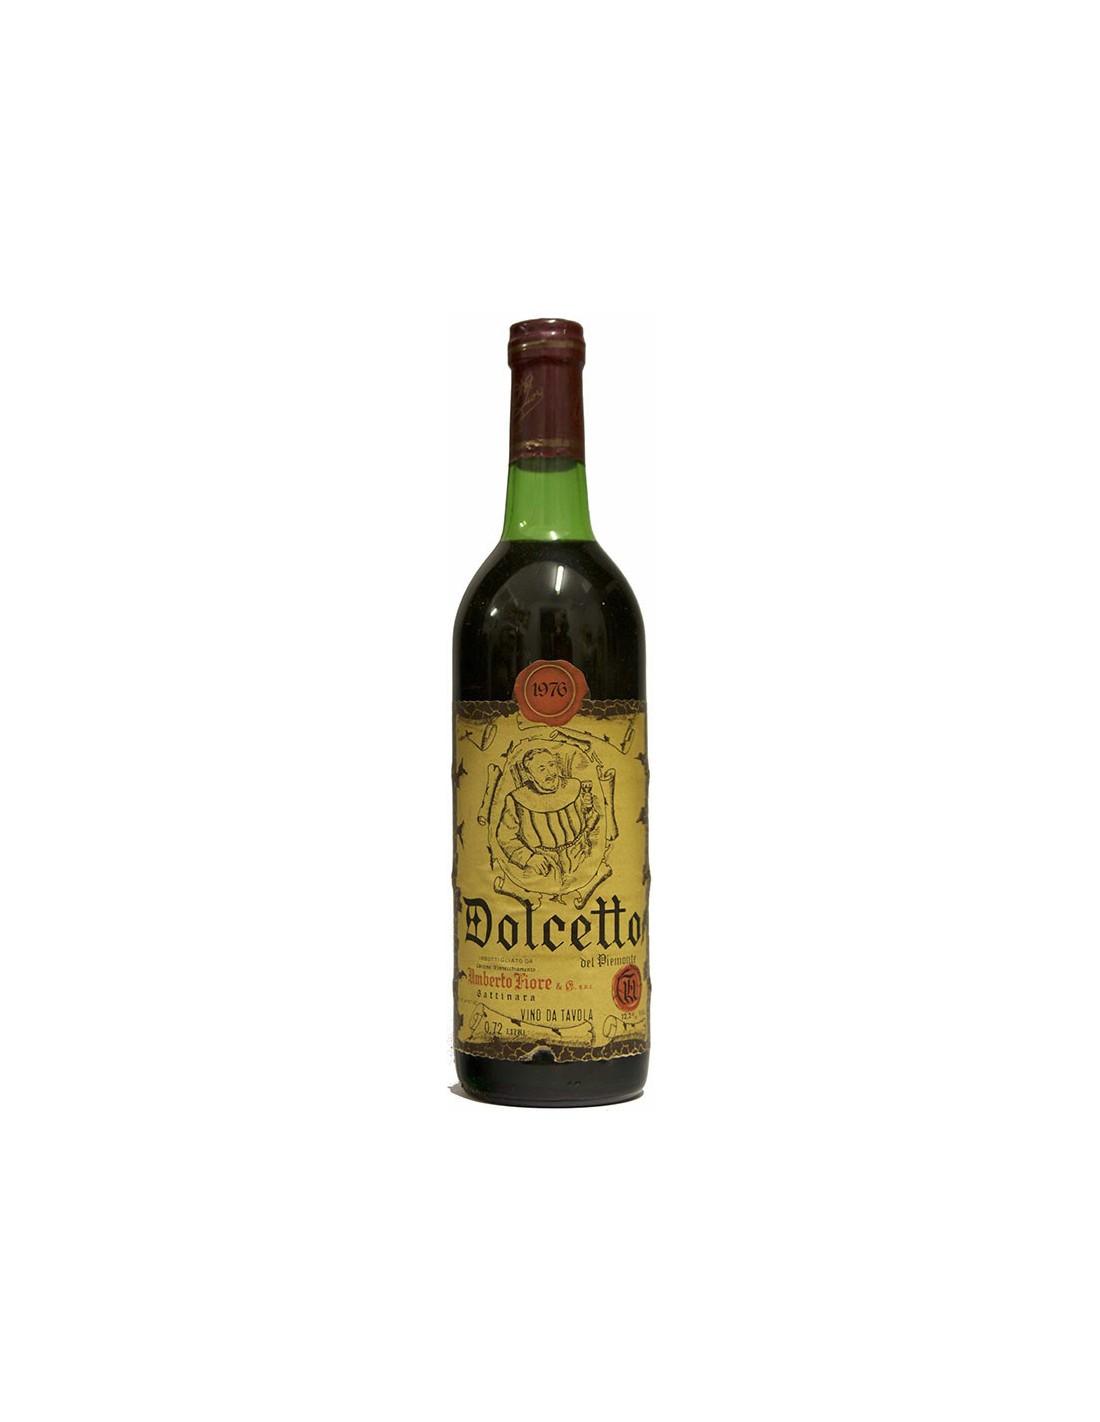 DOLCETTO 1976 UMBERTO FIORE Grandi Bottiglie